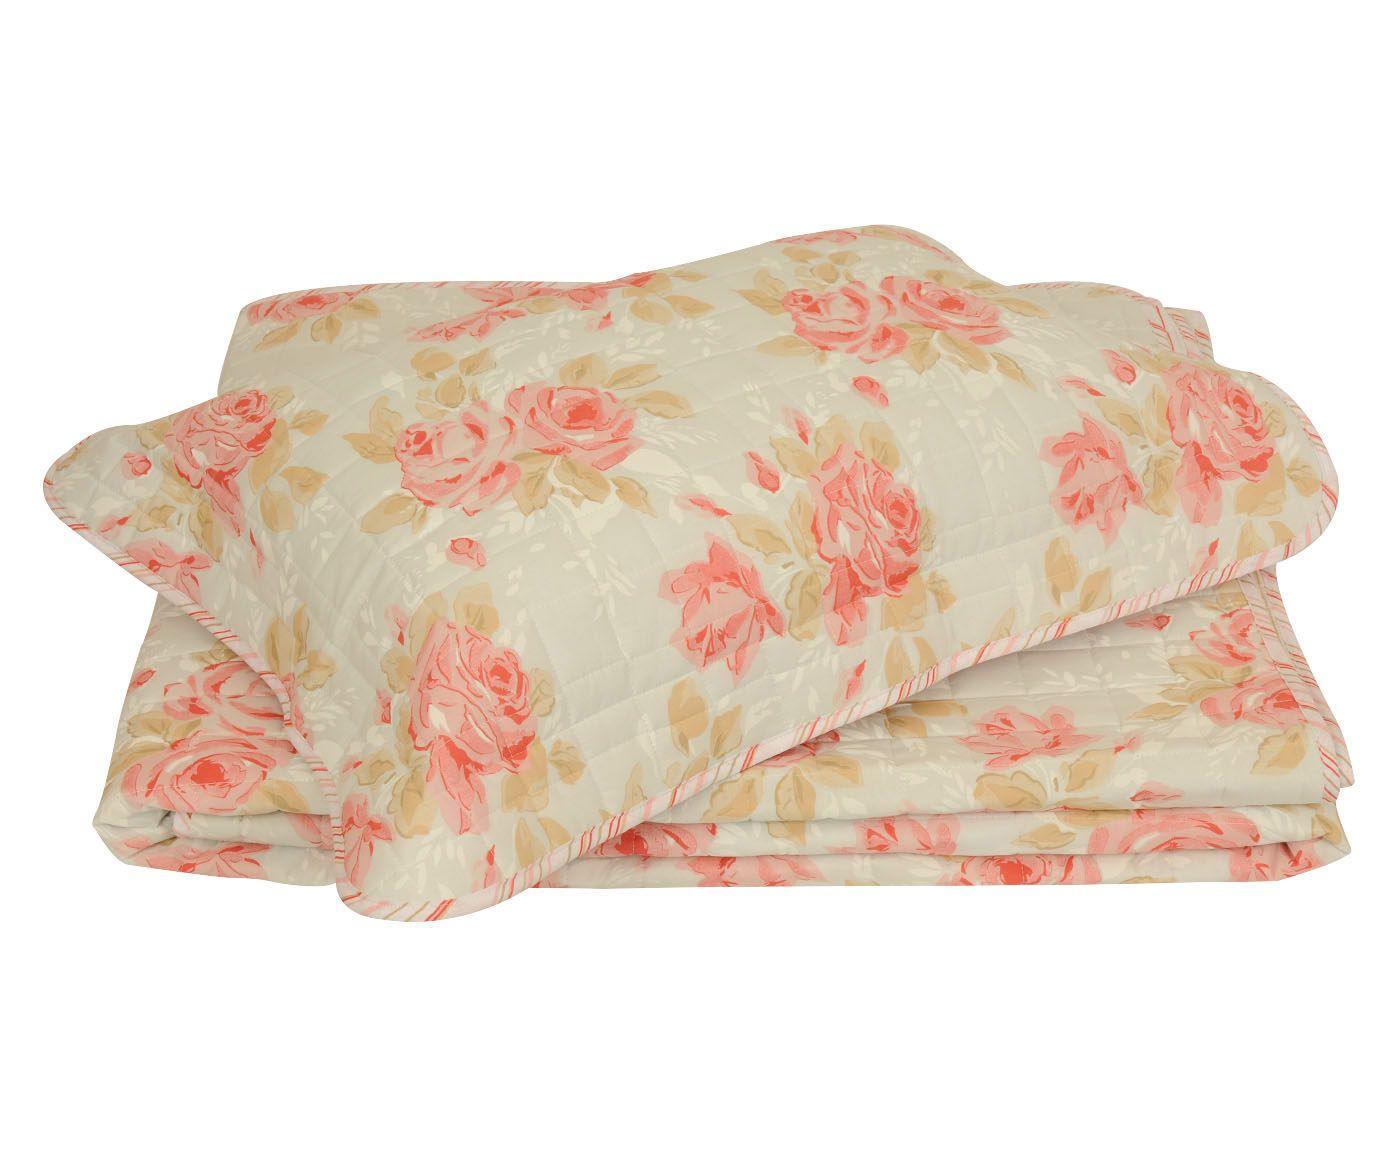 Conjunto de cobre-leito flower para cama king size 150 fios - ritz | Westwing.com.br